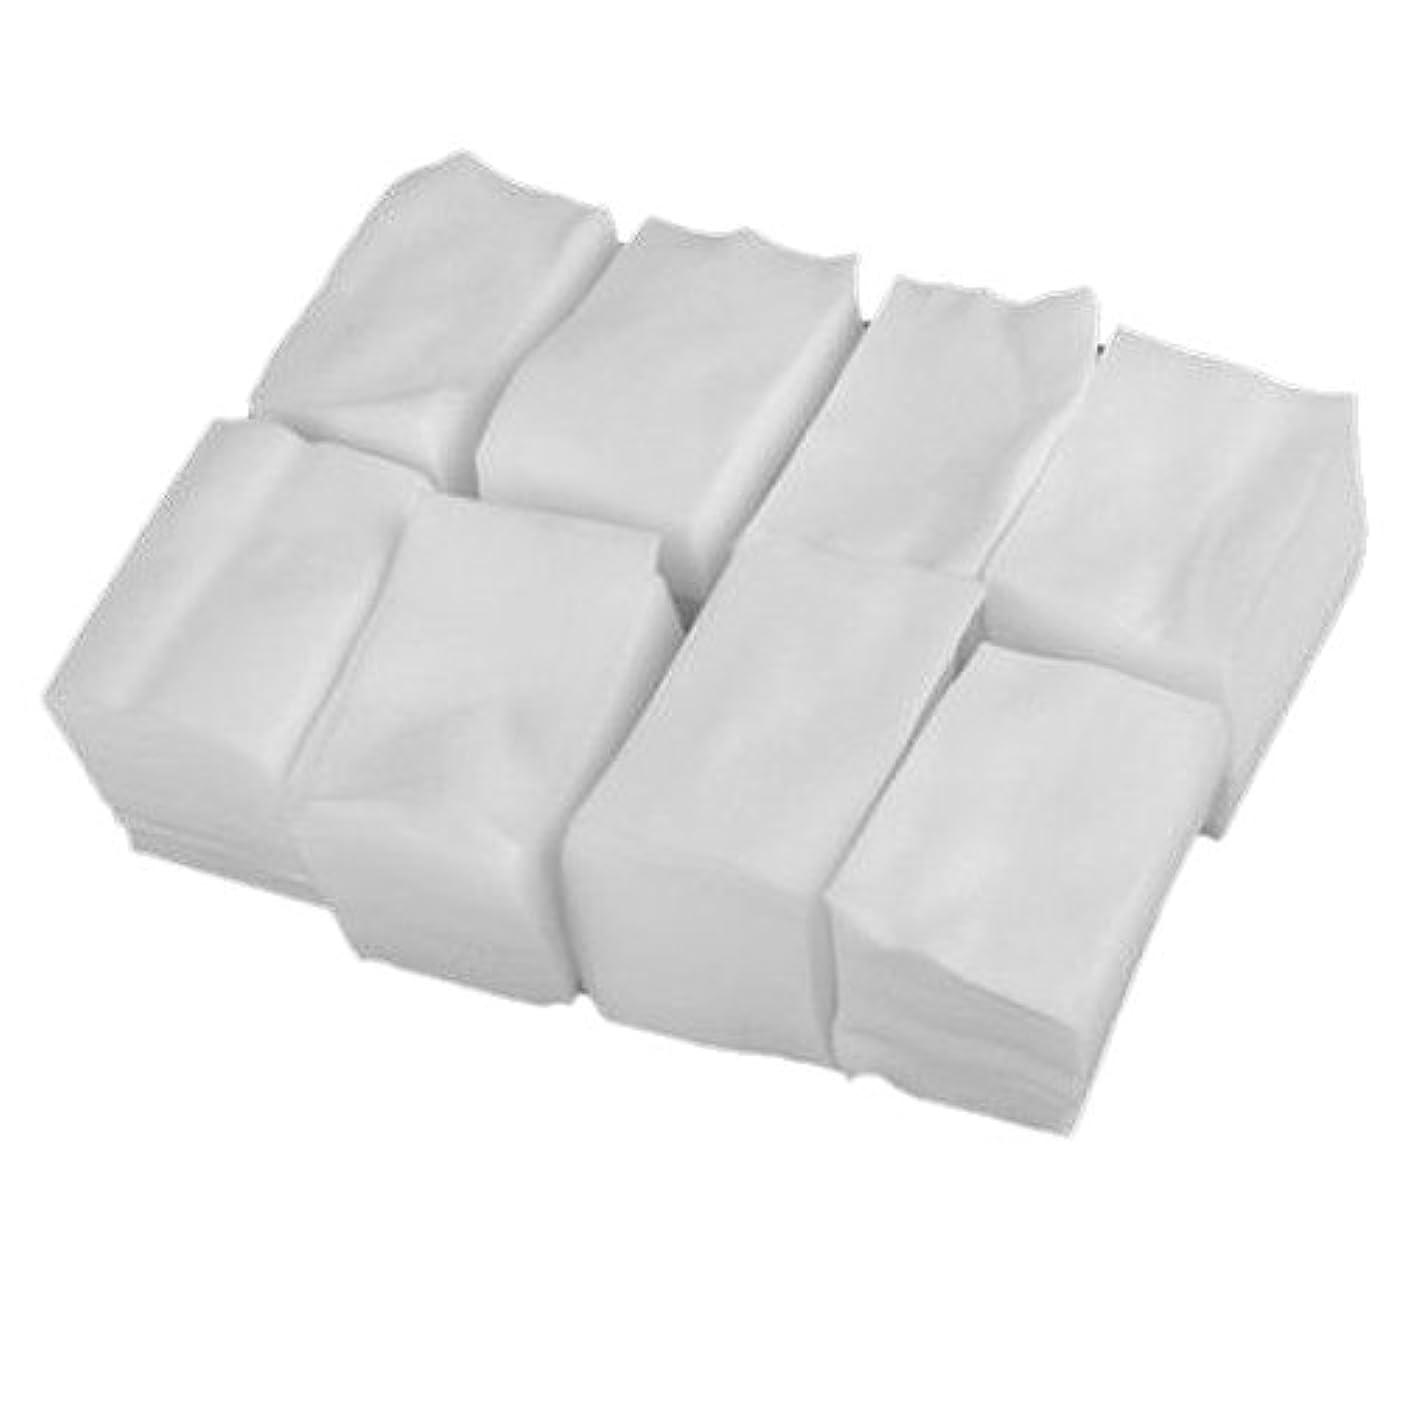 ジョリーただやる窒素SODIAL 900x白いリントフリーネイルアート ワイプ紙パッド ゲルアクリルのヒント ポリッシュリムーバークリーナー(6cm x 5cm)